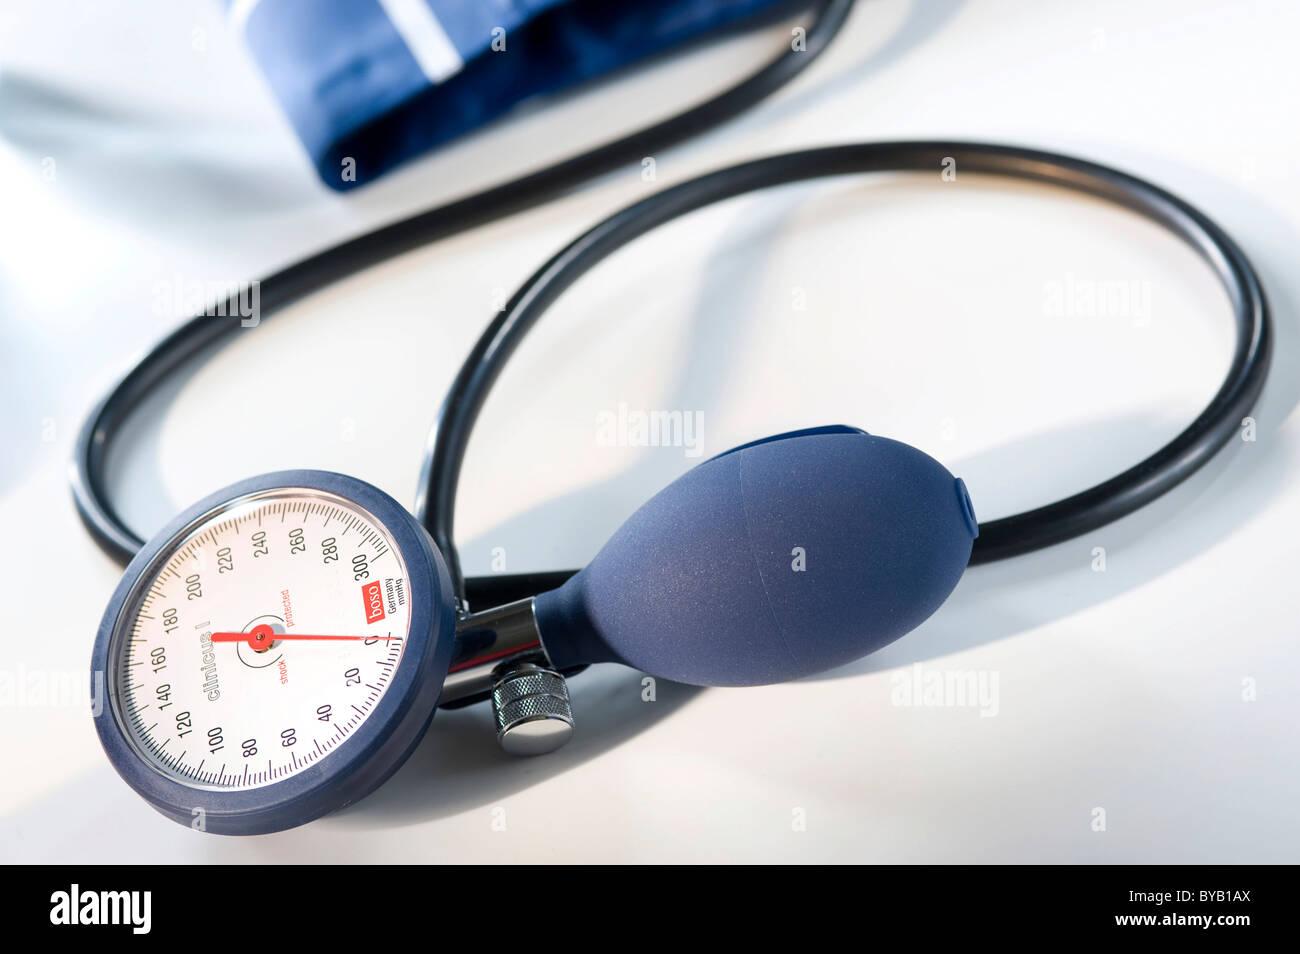 Sphygomanometer for measuring blood pressure - Stock Image